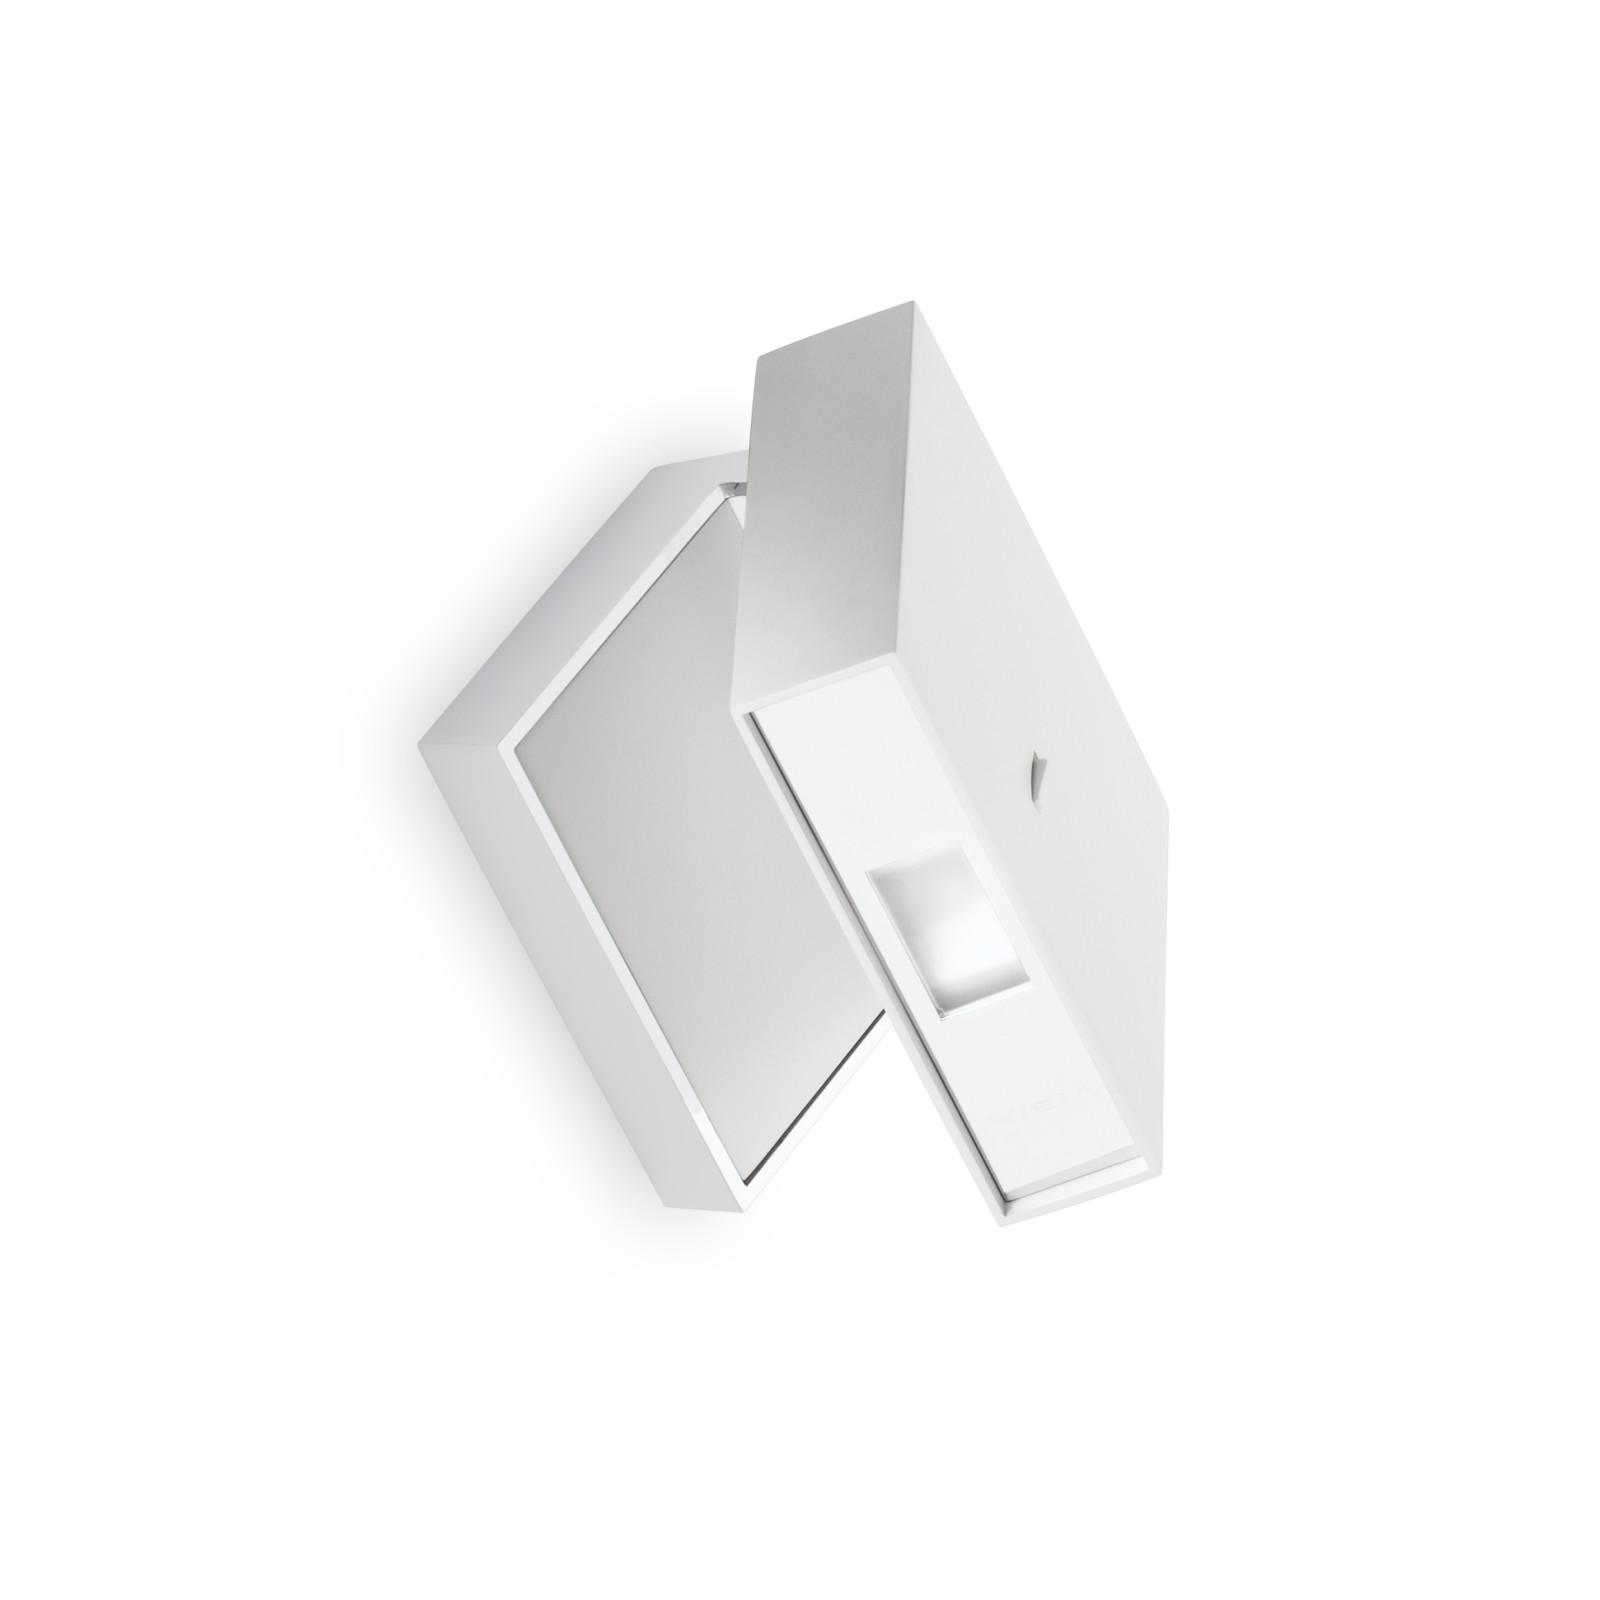 Alpha 7940 Wall Light Matt White Lacquer